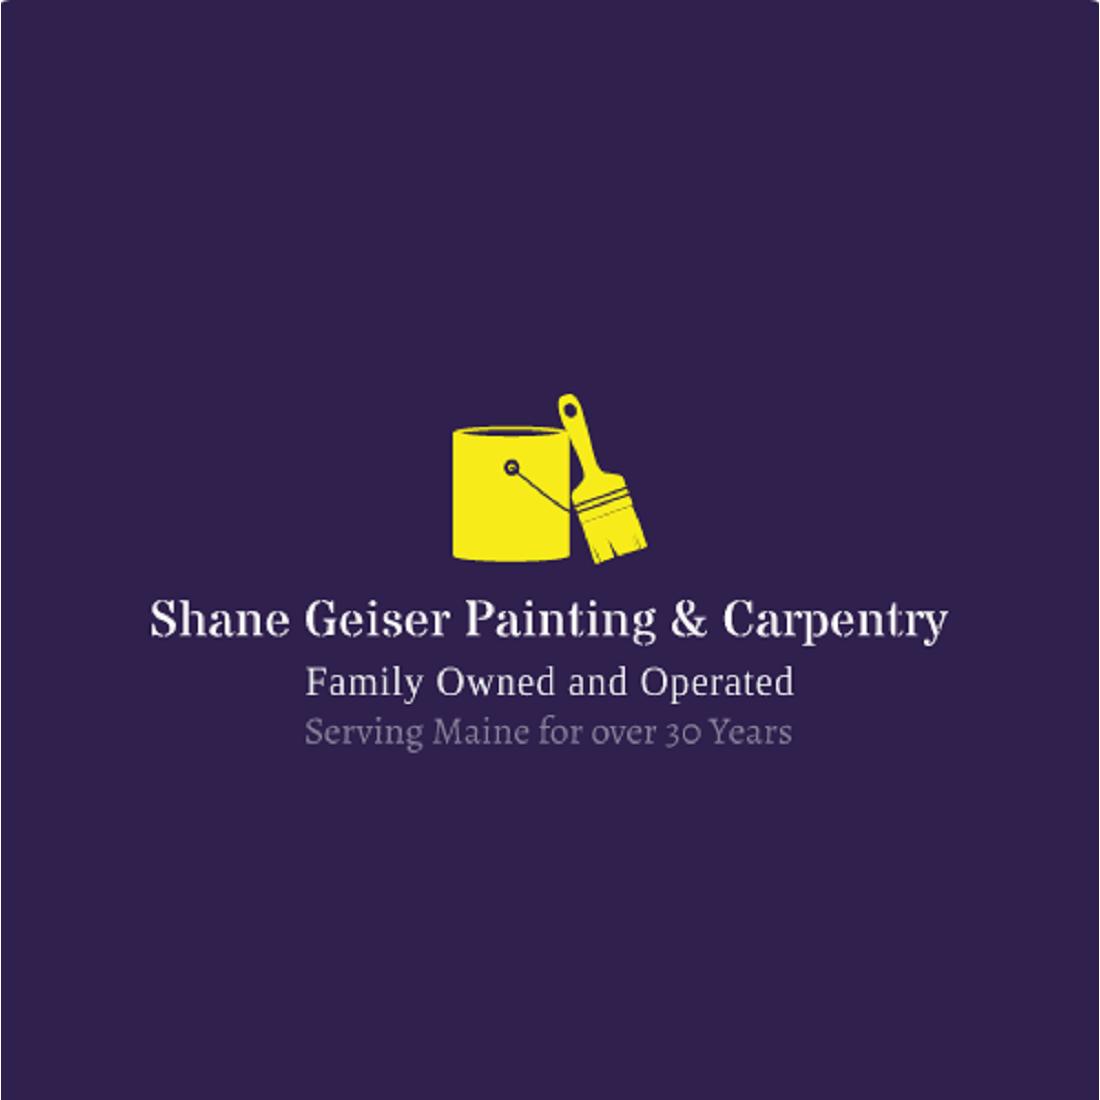 Shane Geiser Painting & Carpentry Logo